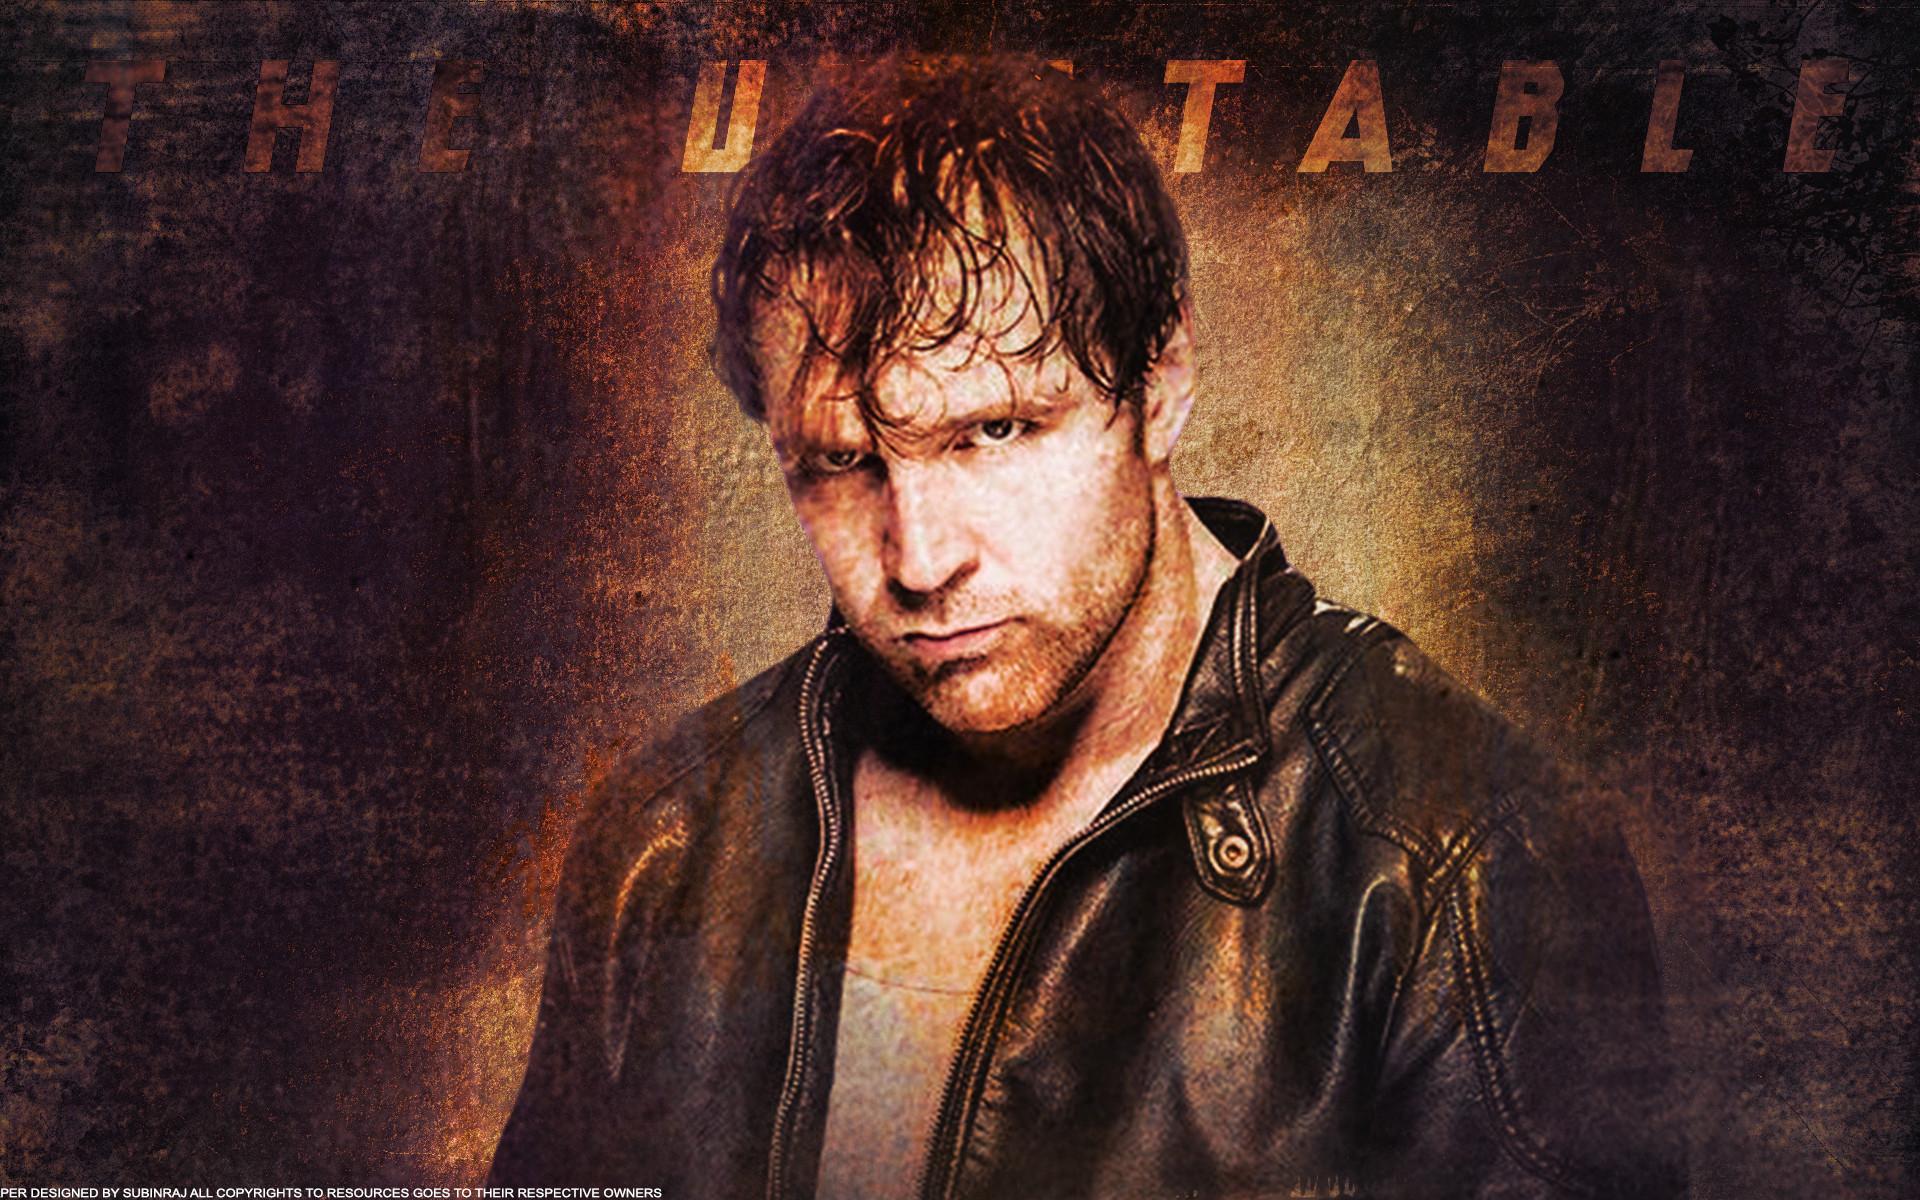 WWE Wrestler Dean Ambrose HD Wallpapers, Free Download Dean .